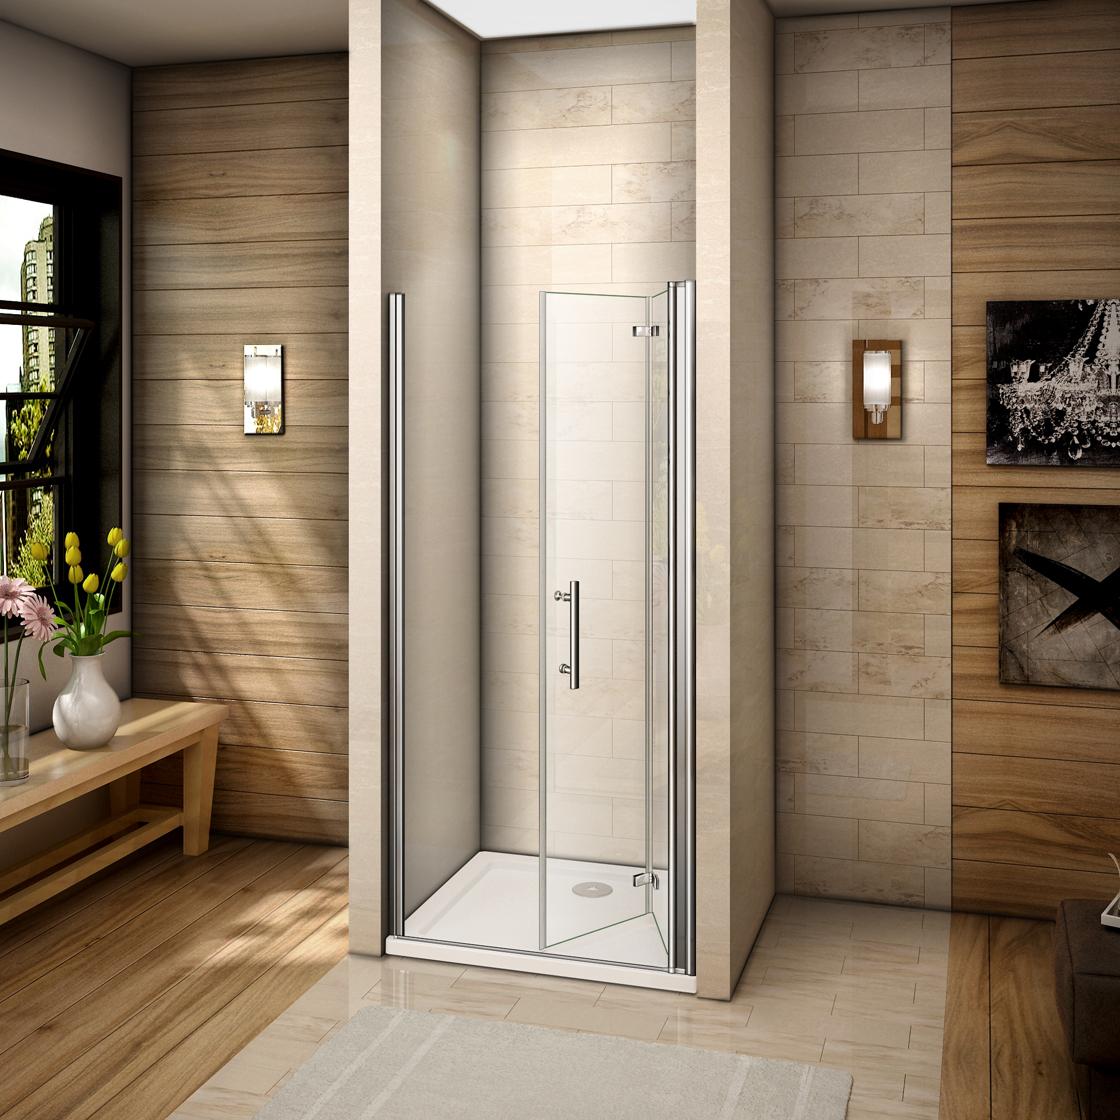 duschabtrennung faltt r duschkabine schwingt r duschwand eckeinstieg dusche hp b ebay. Black Bedroom Furniture Sets. Home Design Ideas